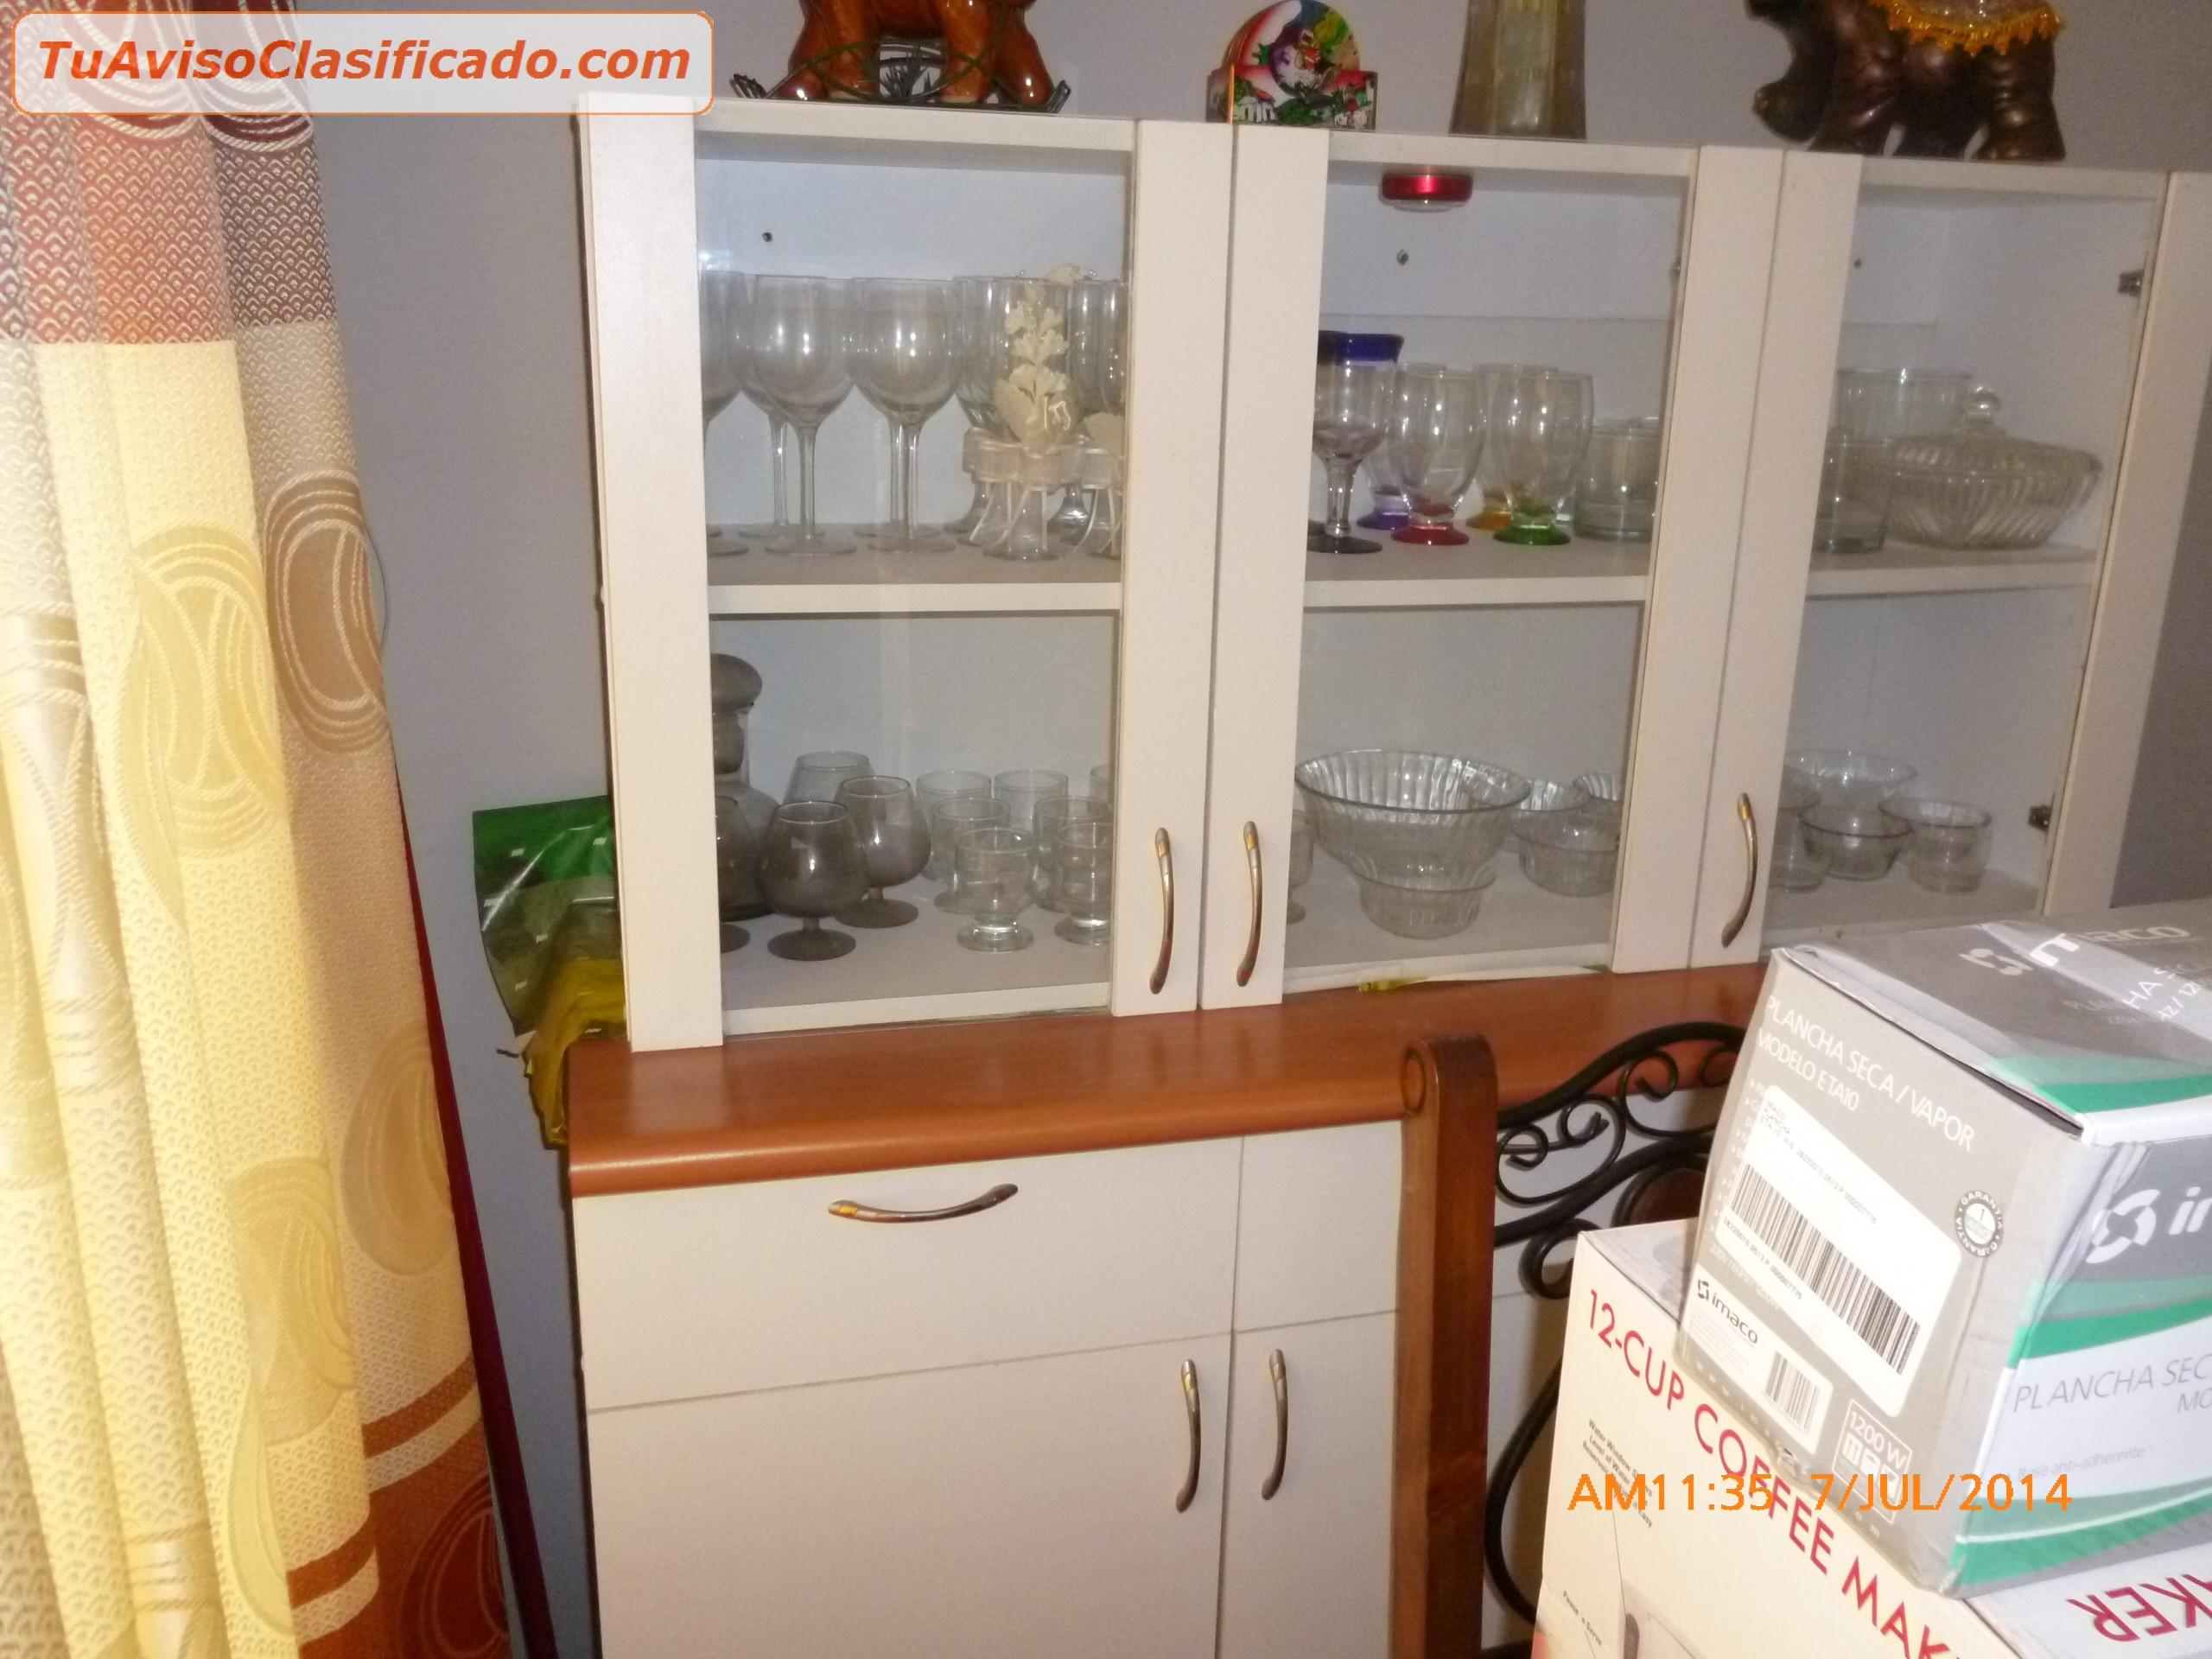 Venta de muebles sala comedor ropero artefactos y otros - Muebles sala comedor ...